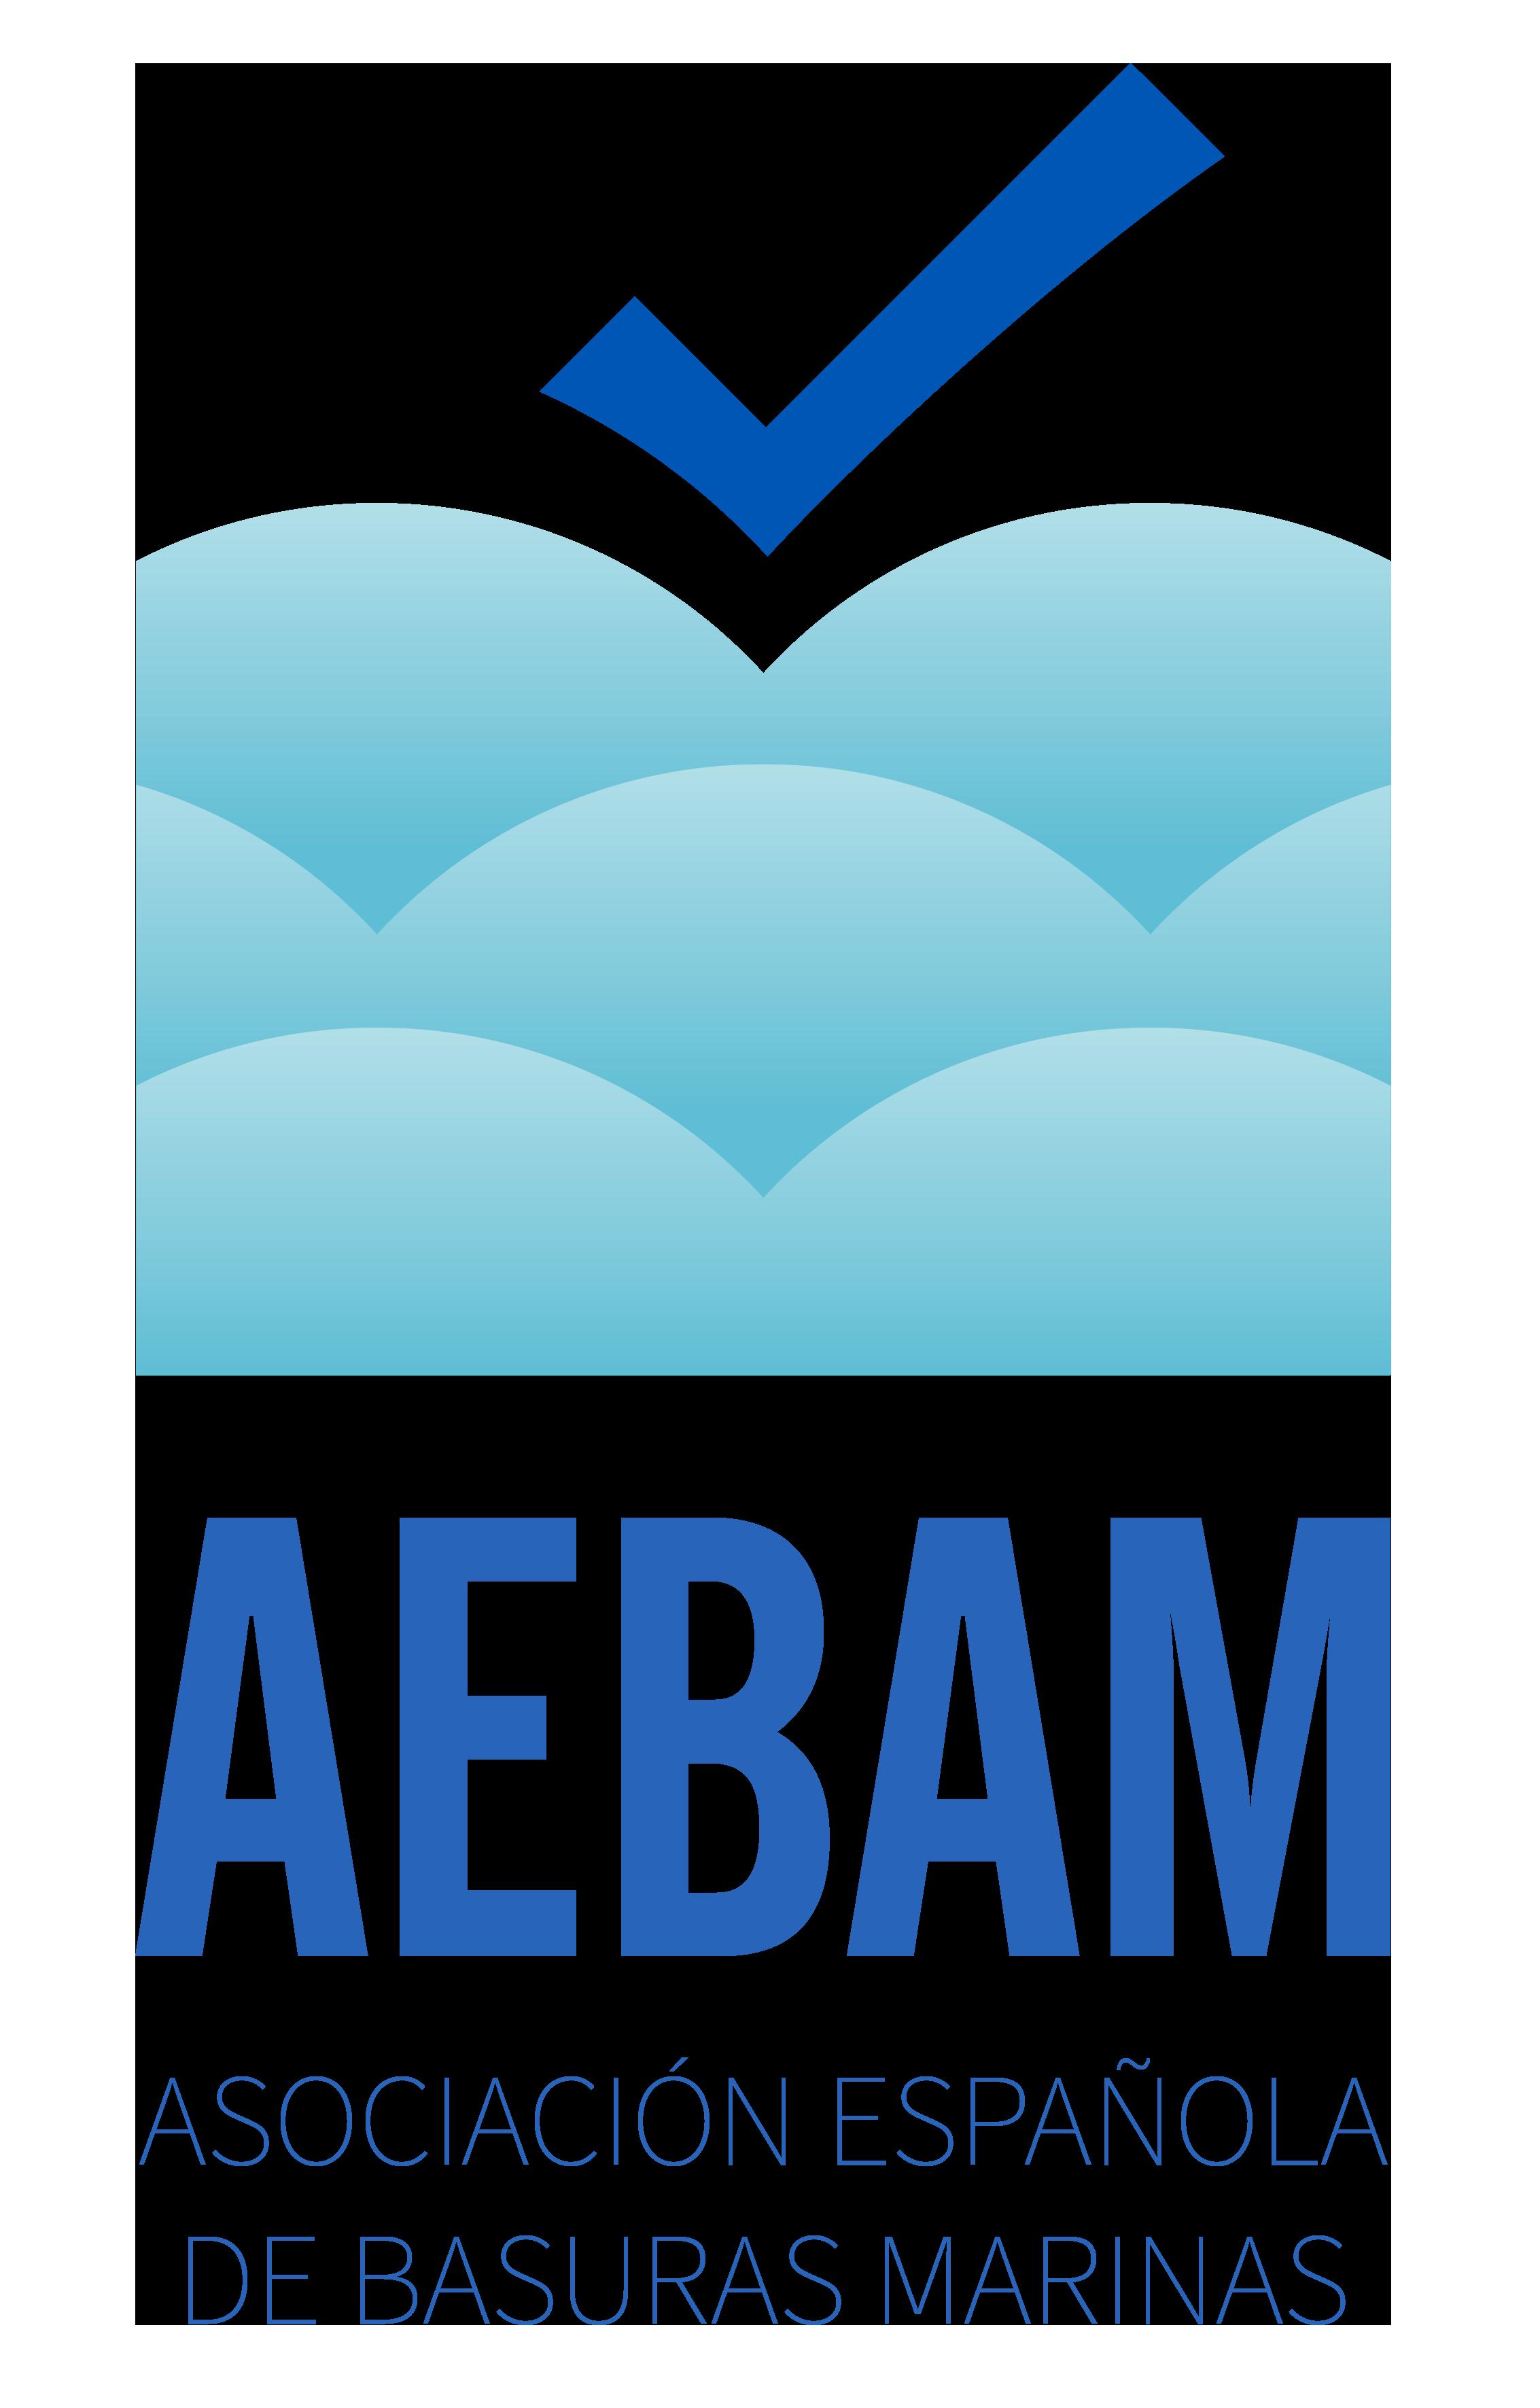 Asociación Española de Basuras Marinas